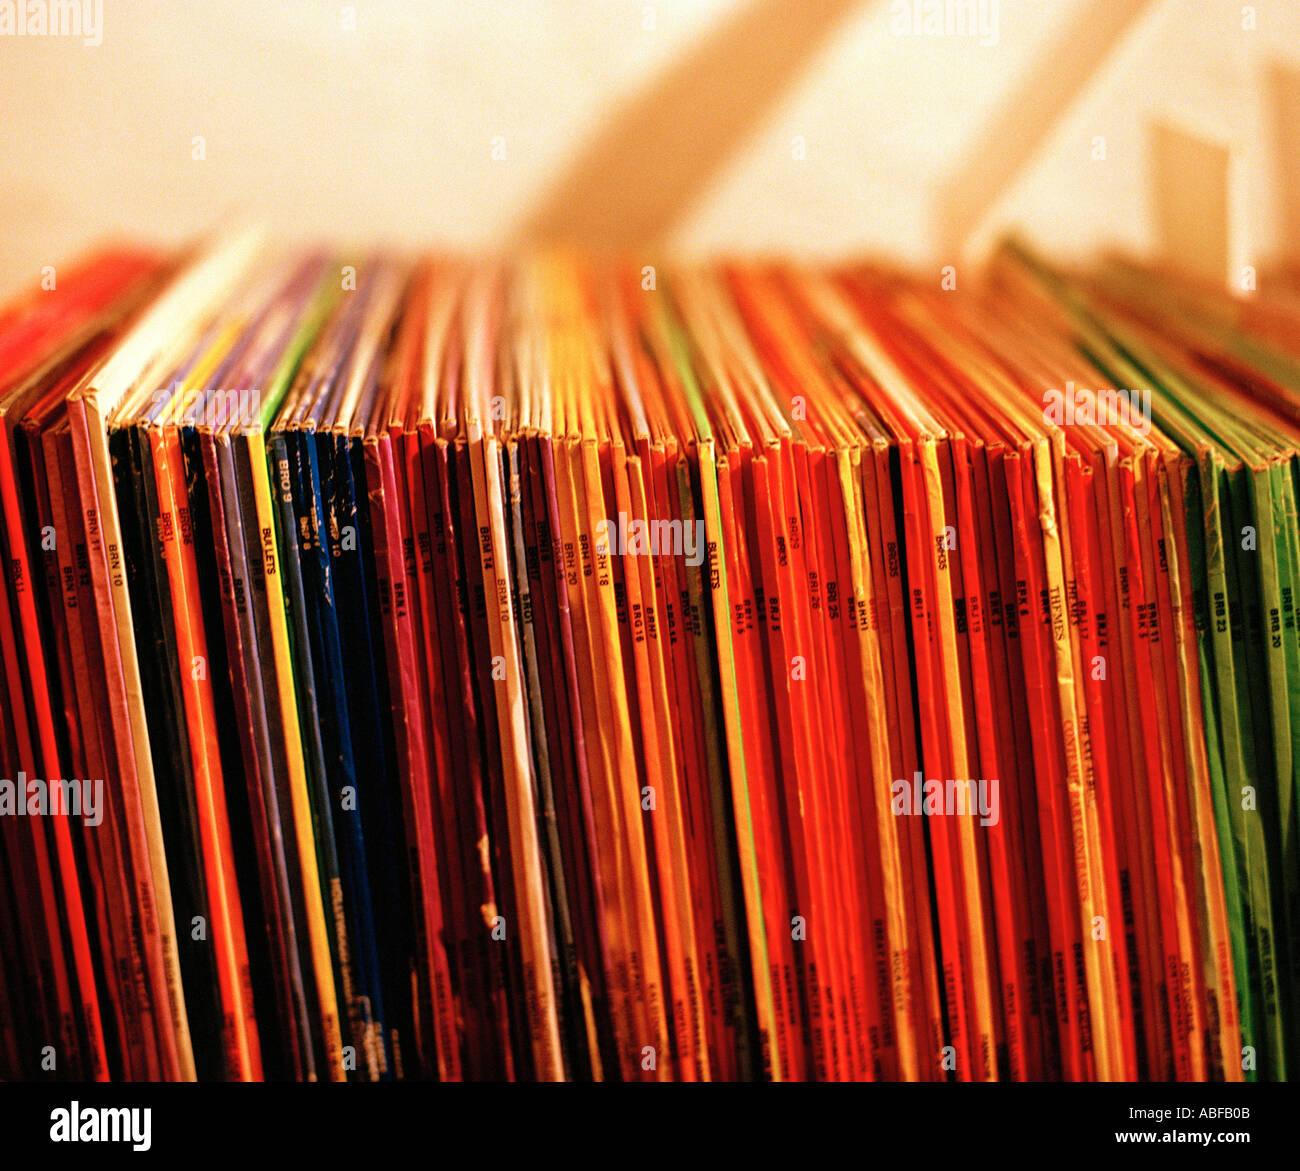 Rekord Stacheln Stockbild